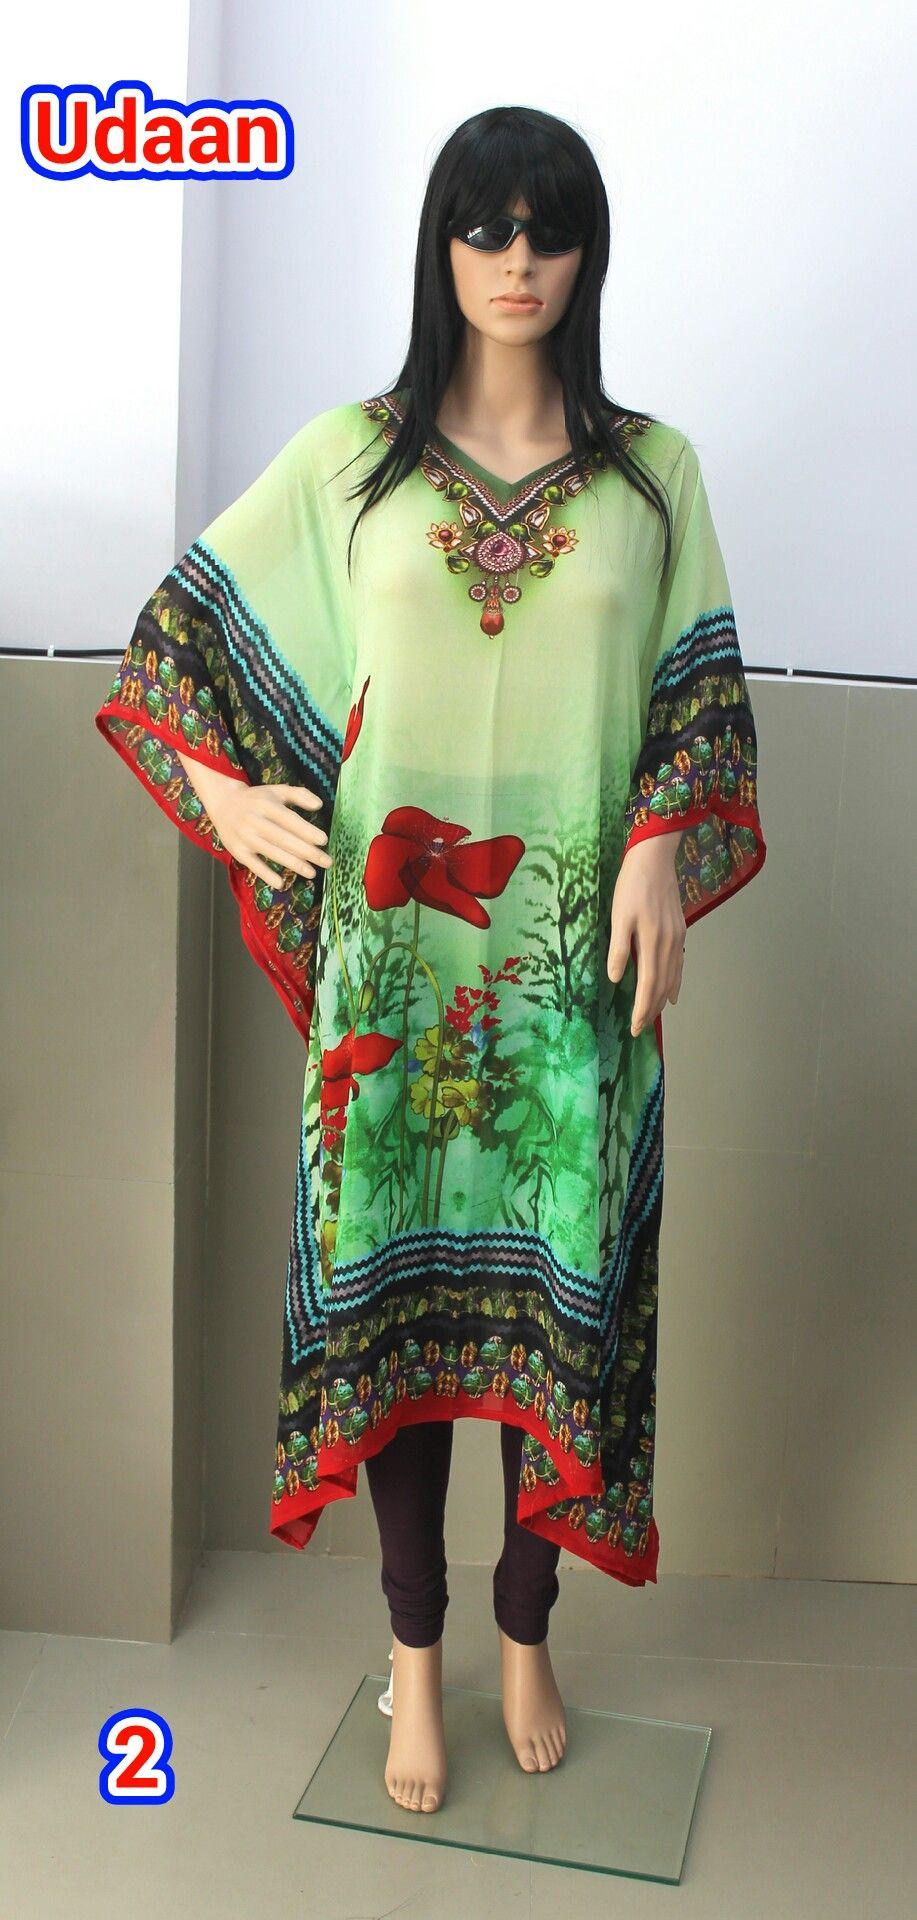 76a6a04be Udaan kaftan kurtis online shopping india,kaftan kurtis wholesale  designs,Top :- Weigtless Georgette,Work :-Digital Print,